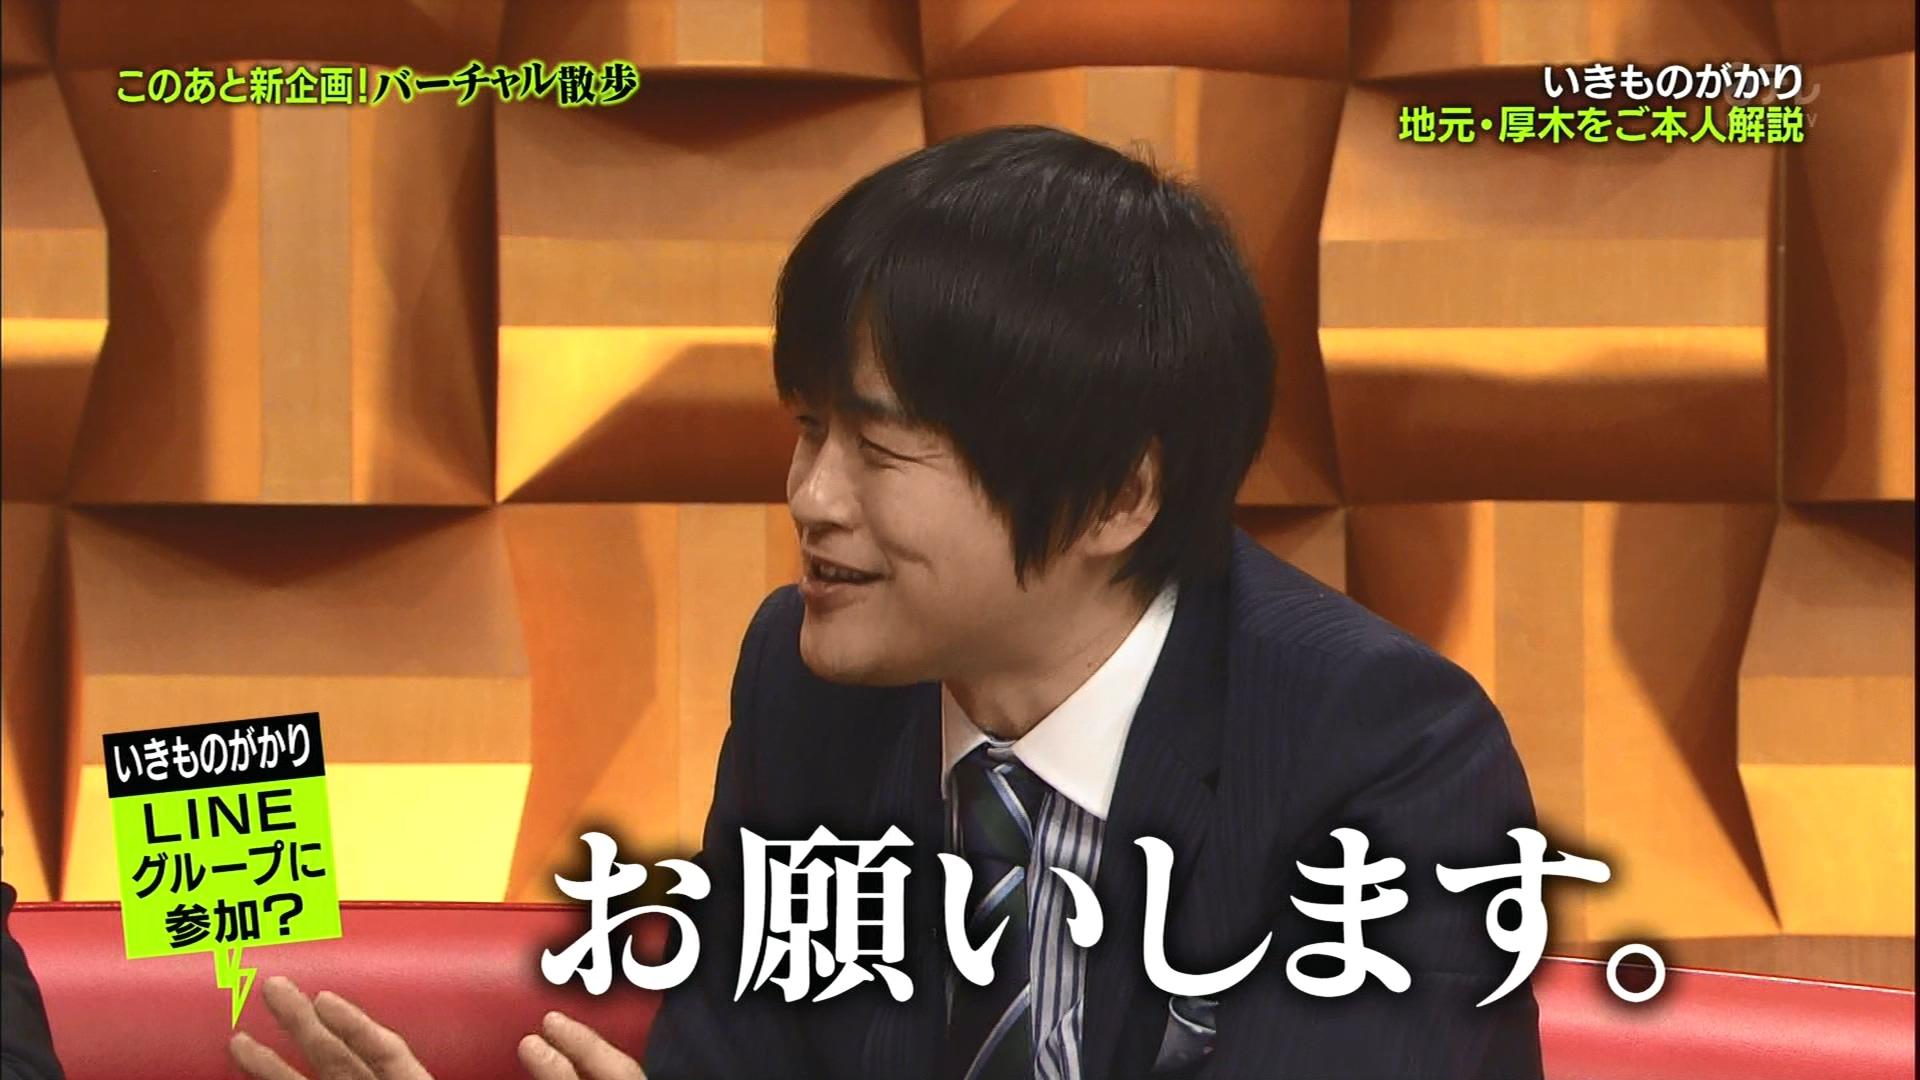 2016.03.11 全場(バズリズム).ts_20160312_013542.204